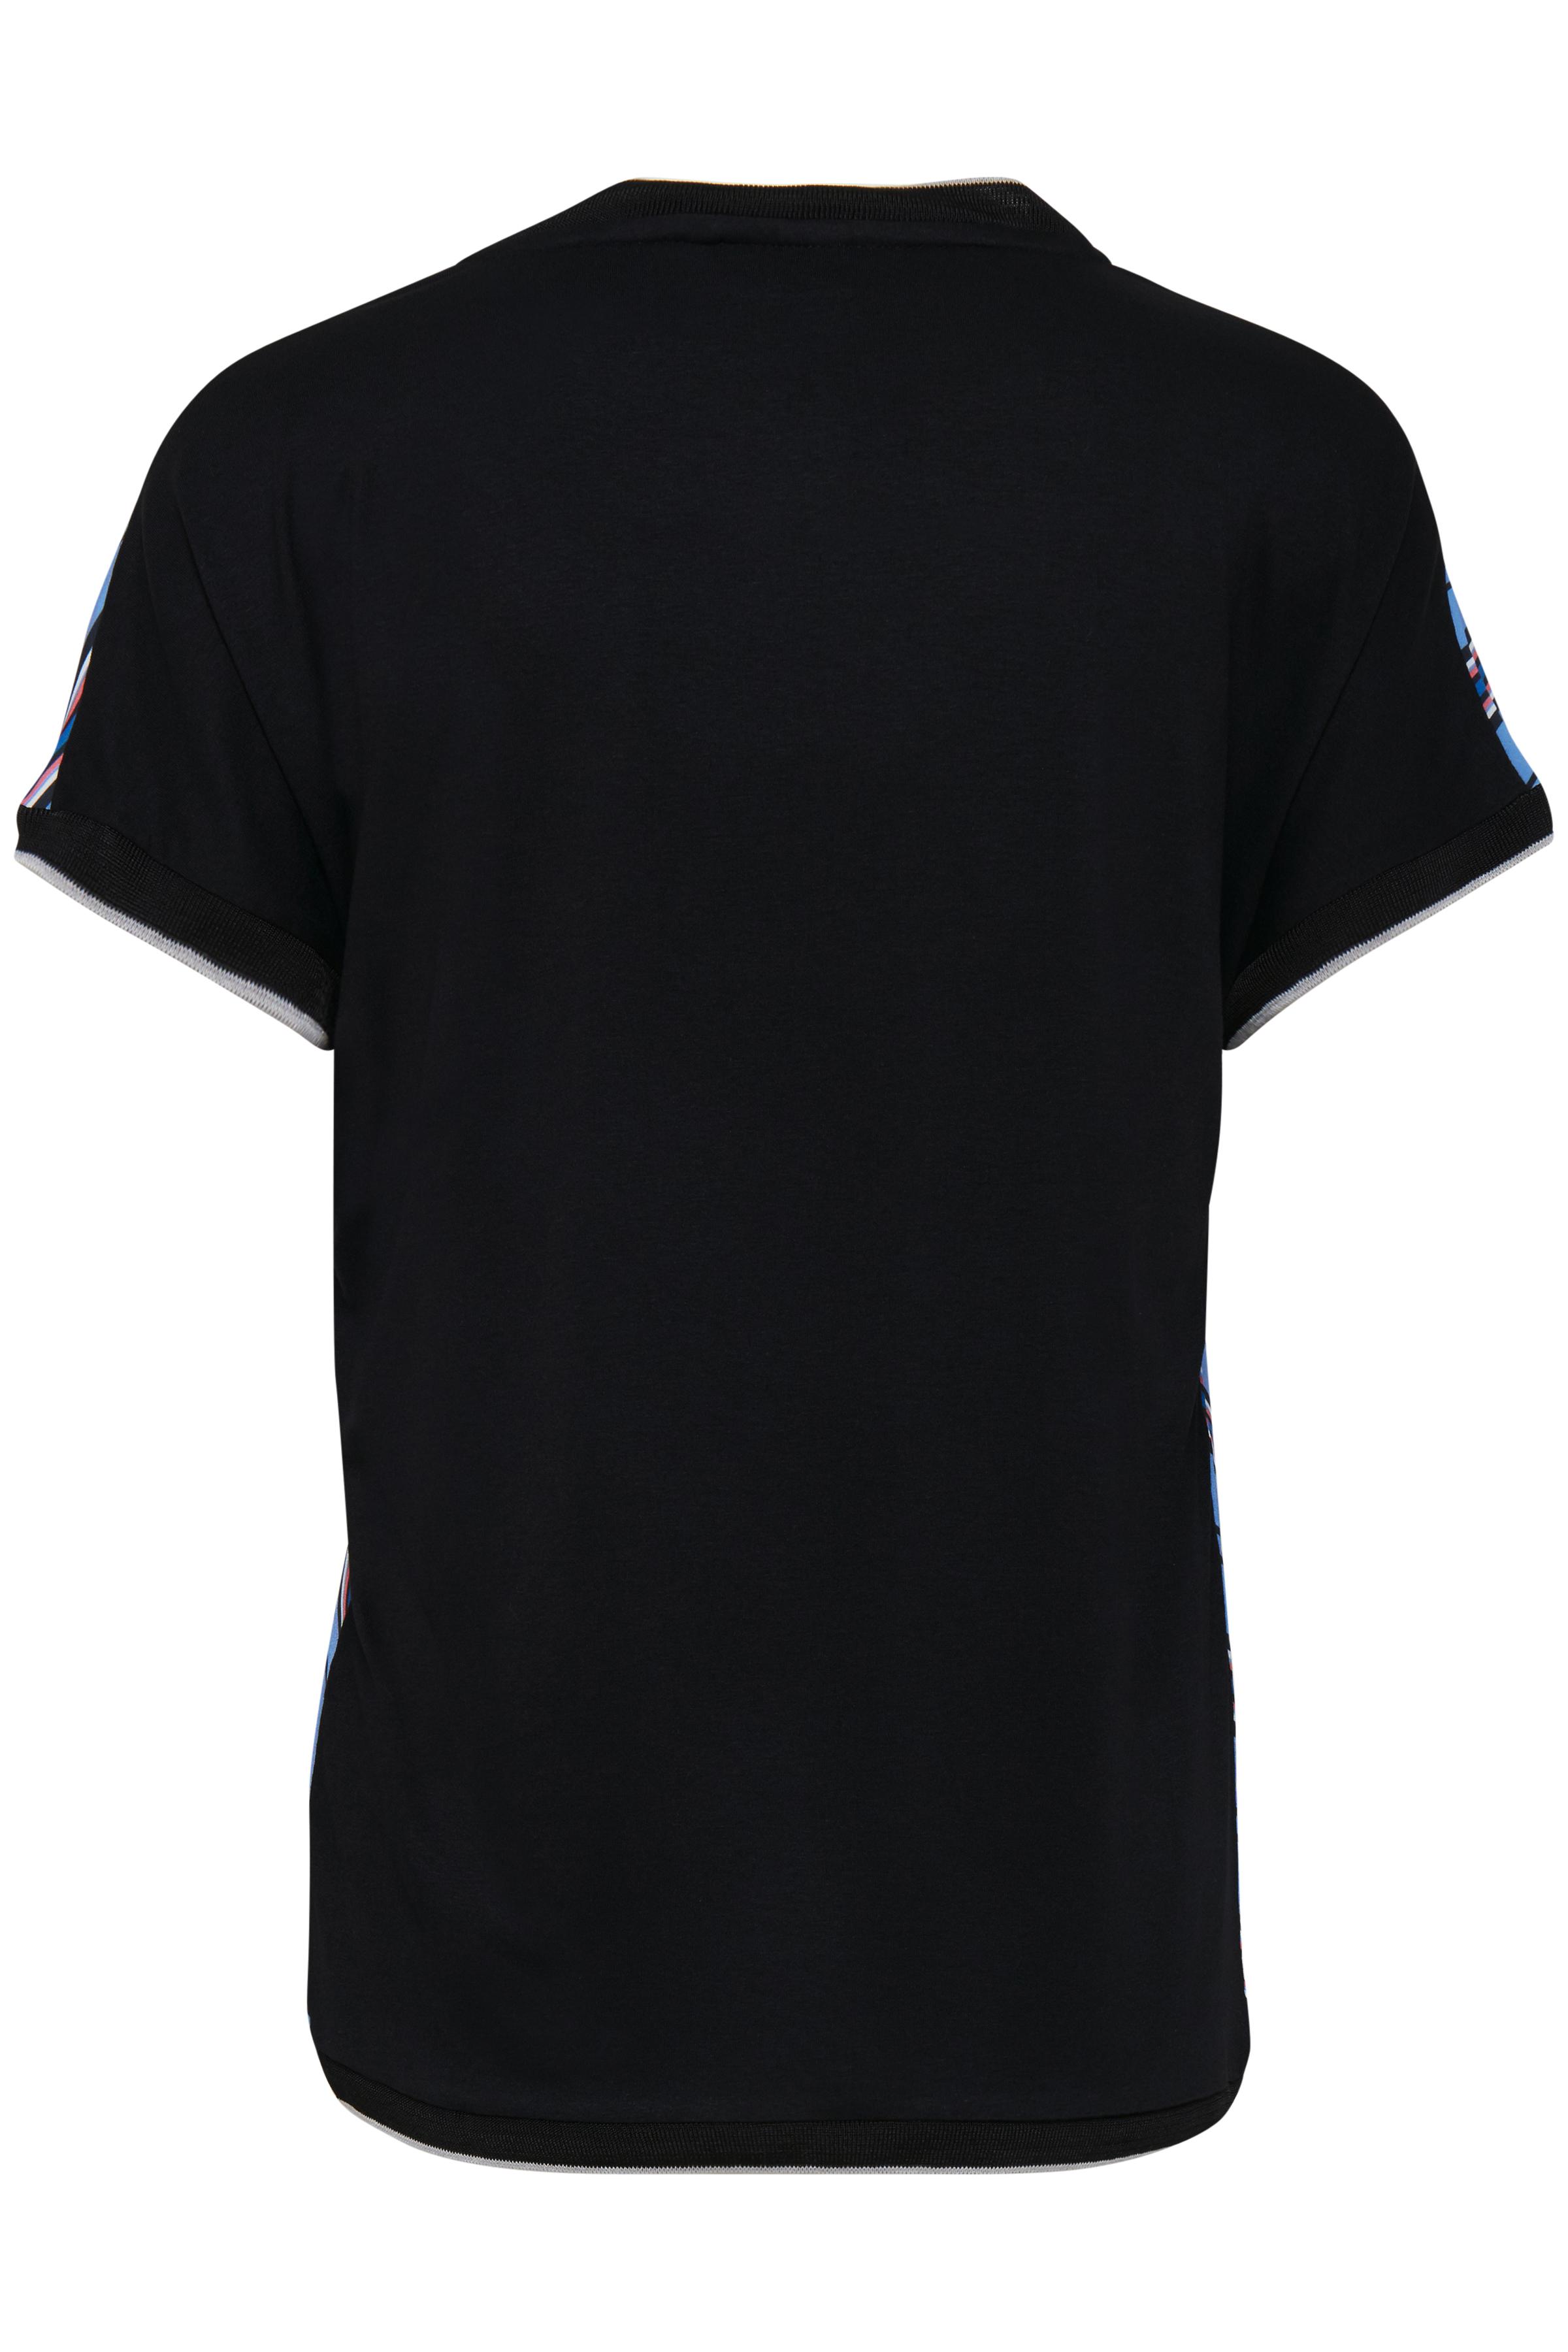 Dimblå/marinblå Kortärmad T-shirt från b.young – Köp Dimblå/marinblå Kortärmad T-shirt från stl. XS-XXL här